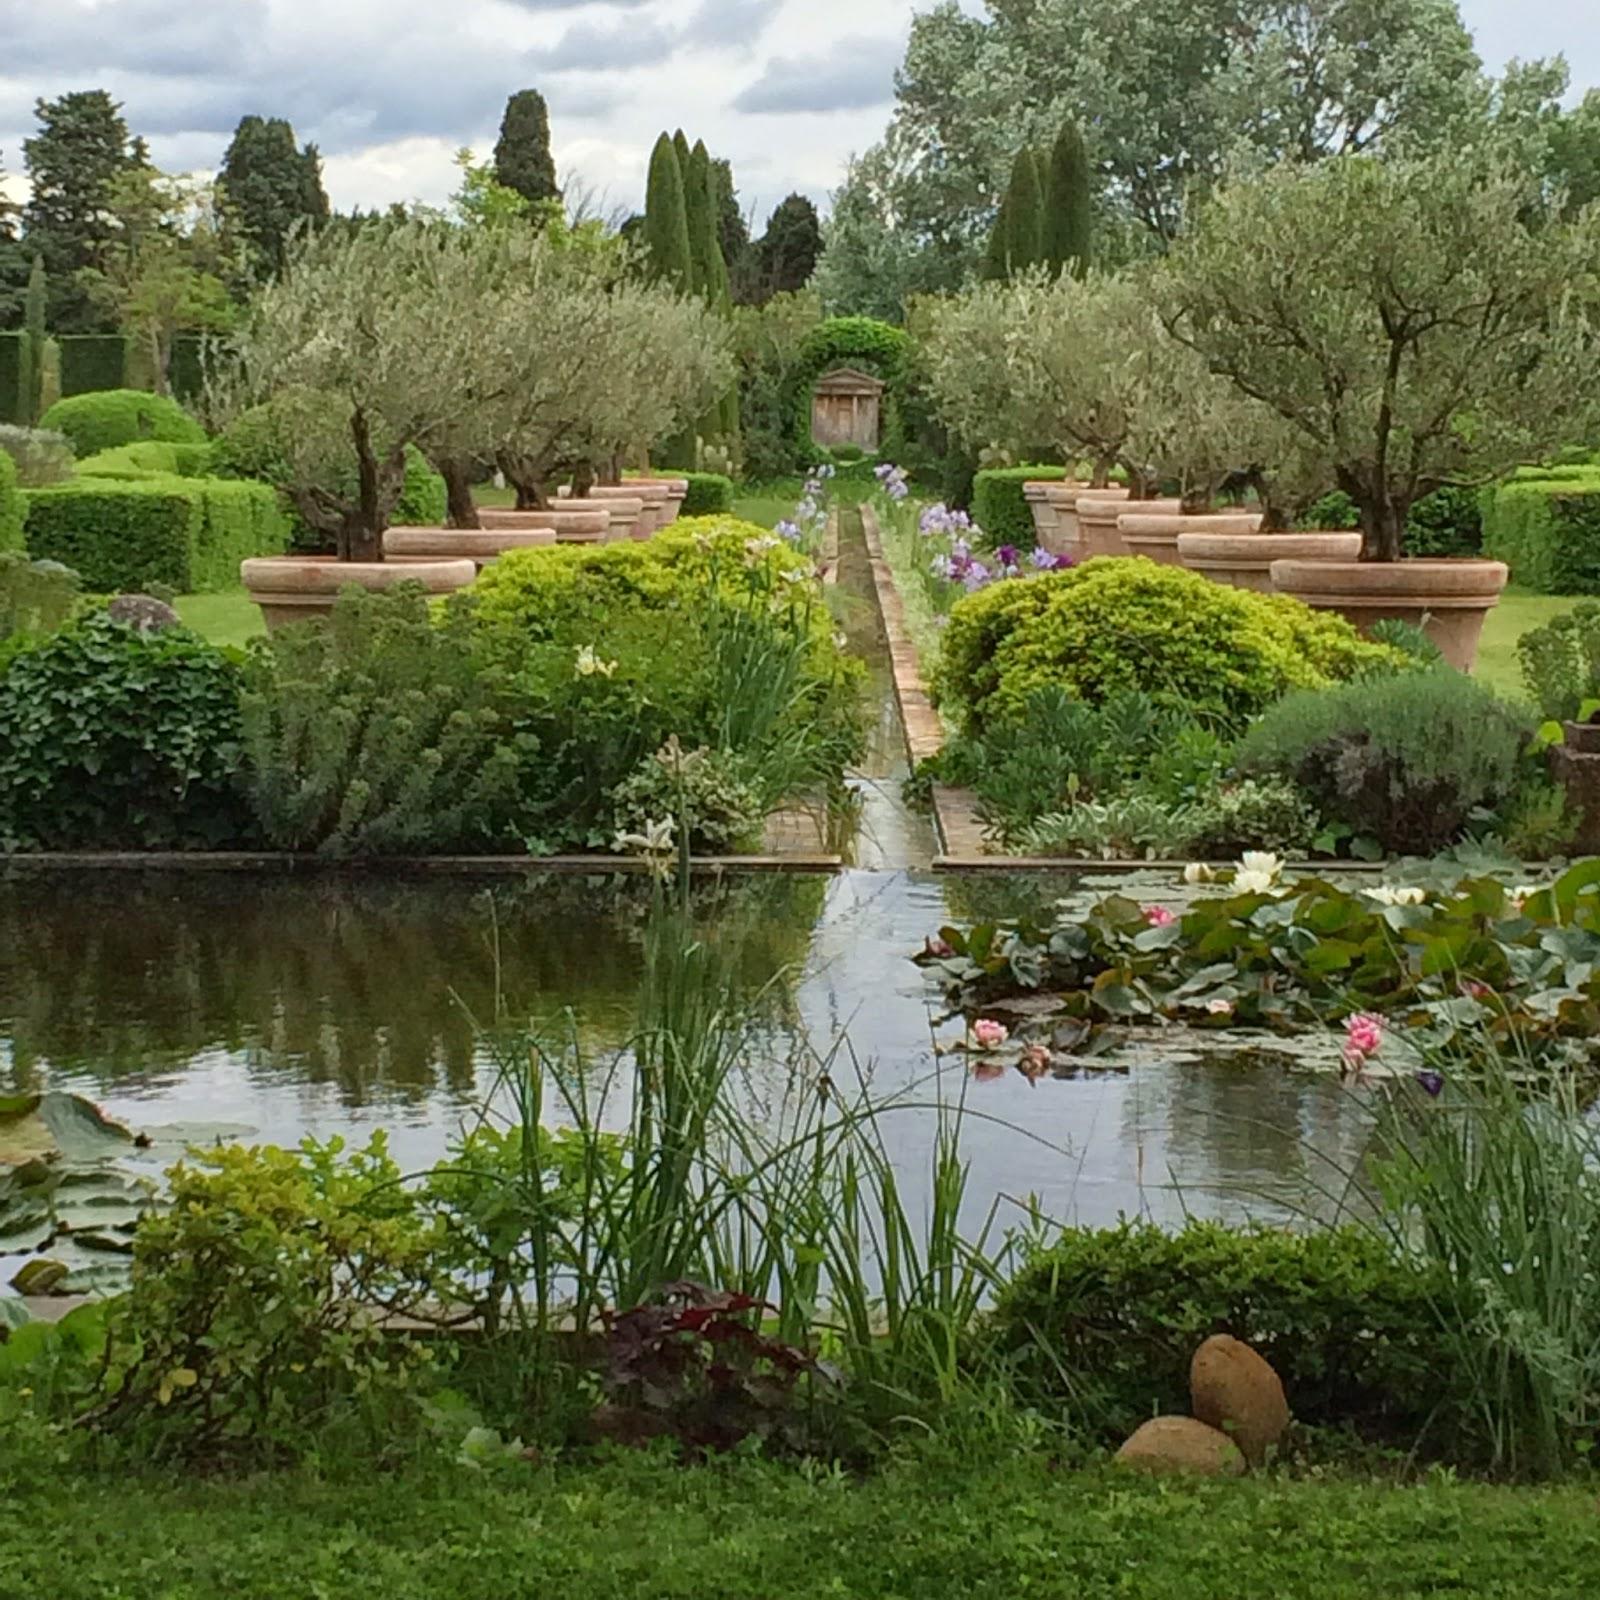 archivert nimes archivert nimes sarl paysagiste sur longwy en jardins et paysages de la tour. Black Bedroom Furniture Sets. Home Design Ideas